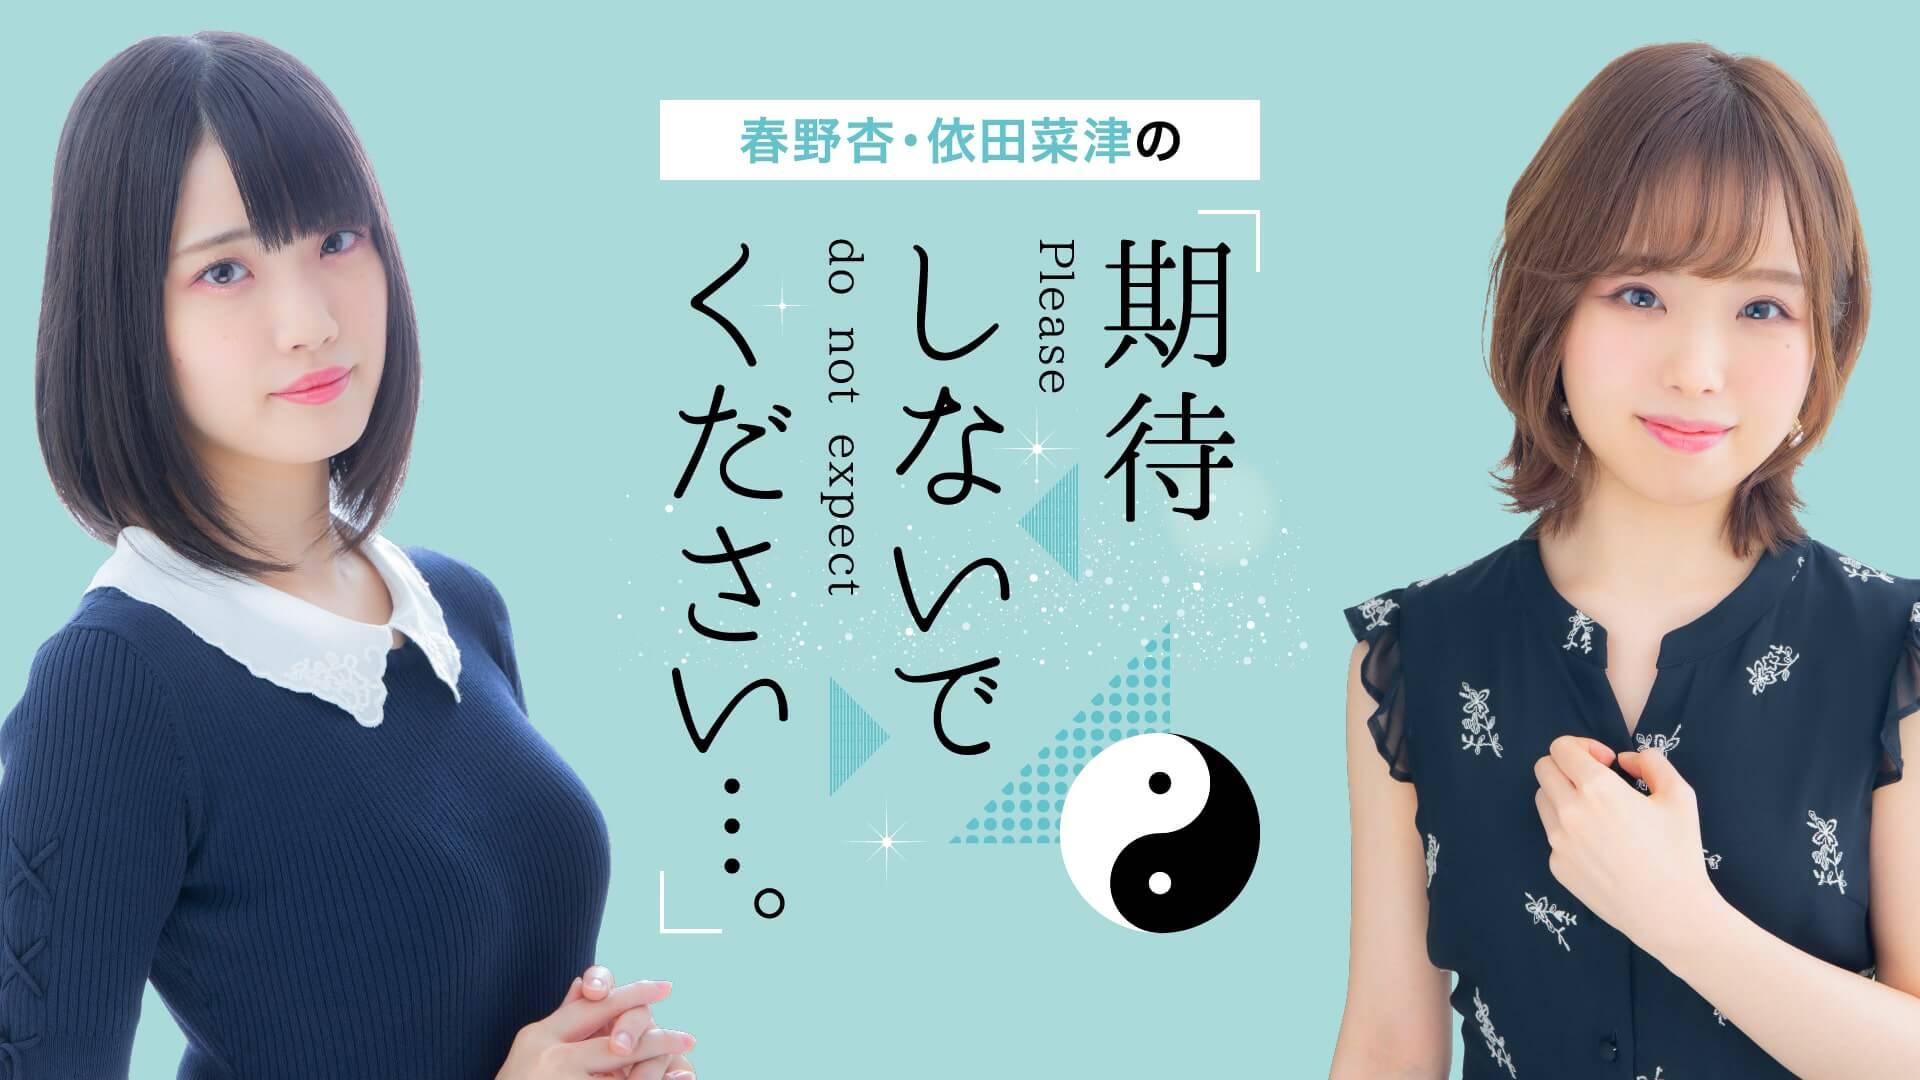 10/31(日)に番組単独オンラインイベント開催決定!! 【春野杏・依田菜津の「期待しないでください…。」】